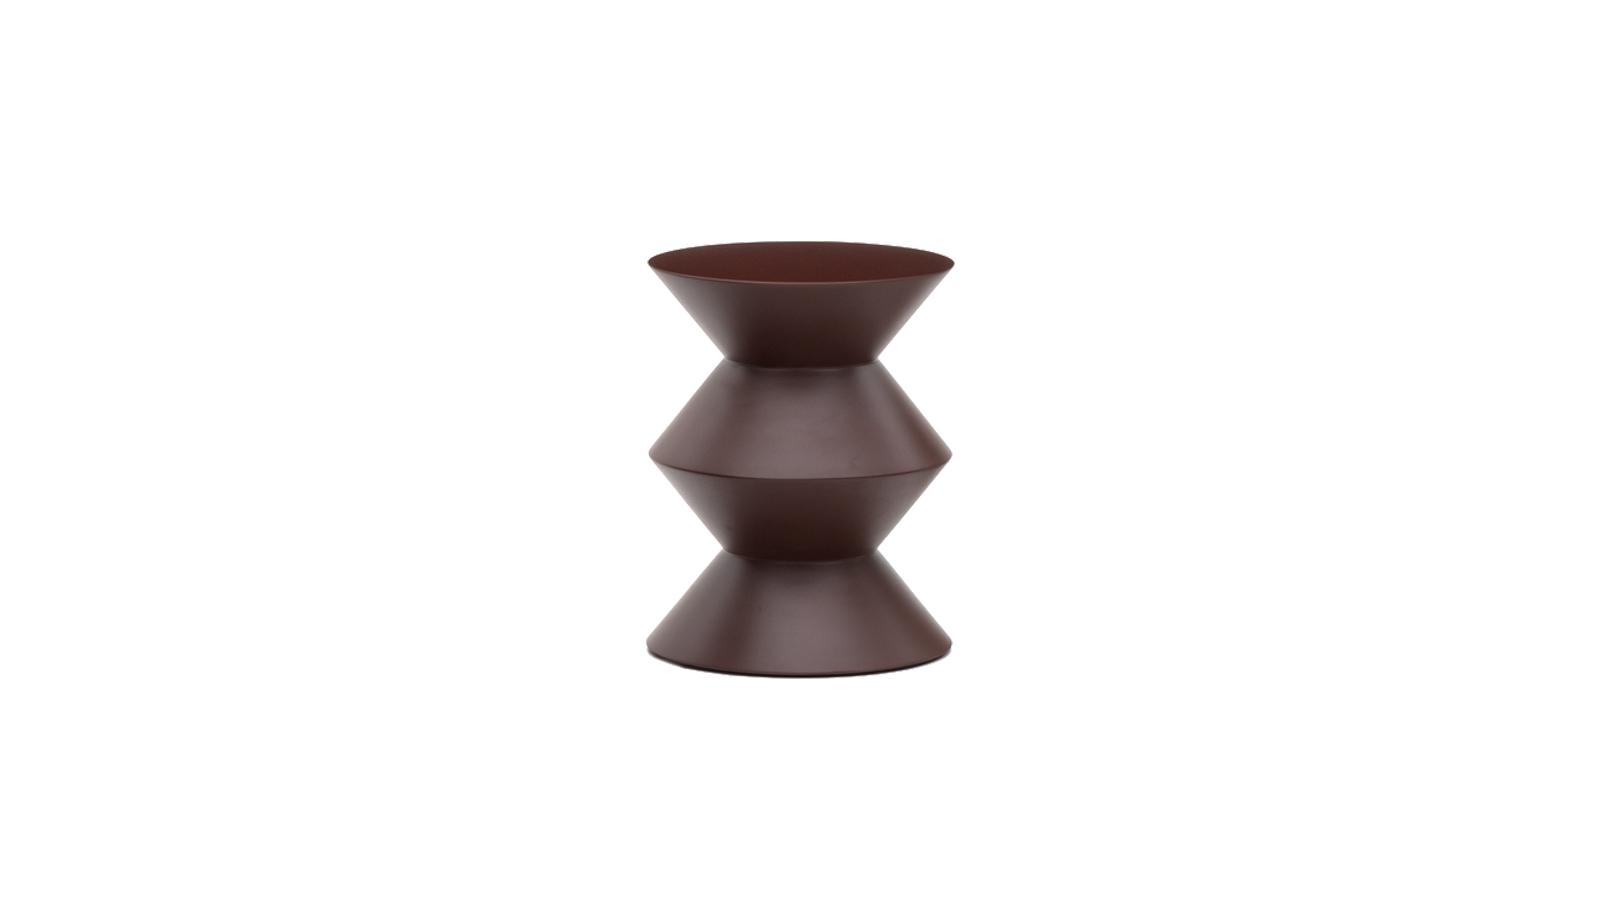 A Minotti Cesar szobortárgya idővel a cég stílusikonjává vált. Eklektikus és multifunkcionális, egyaránt használható puffként és asztalként. Rodolfo Dordoni Cesarja egyfajta statement bútor: a kortárs lakberendezés igényét sugározza az a tér, ahol elhelyezik. Kültéri verzióban is kapható!